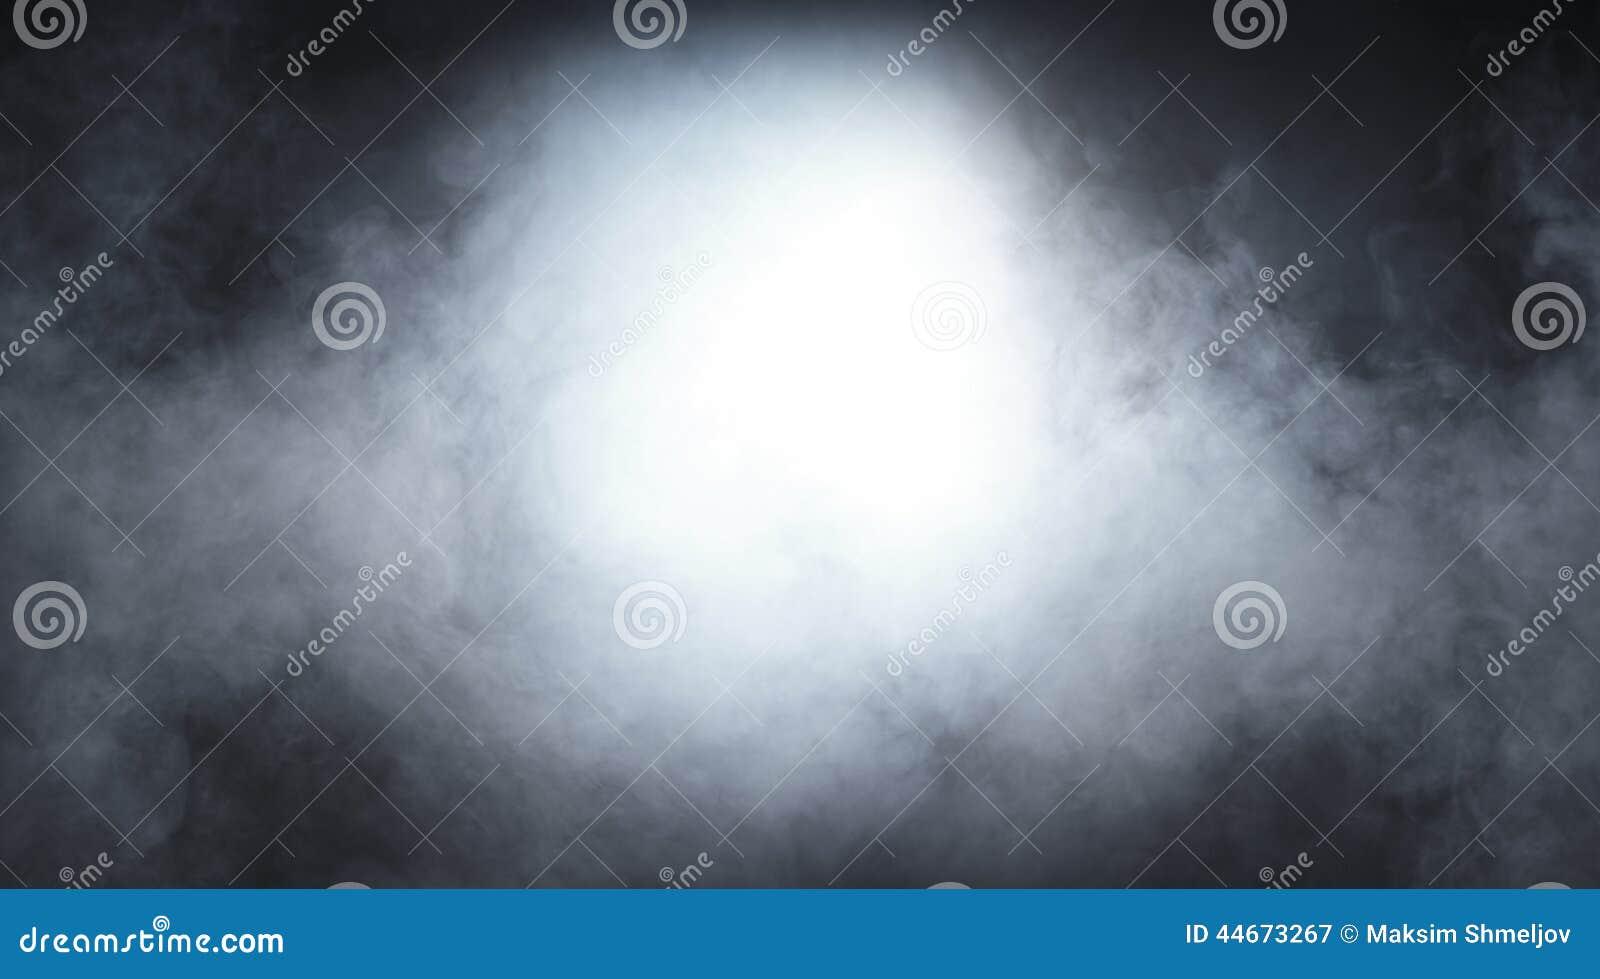 Light gray smoke on a black background